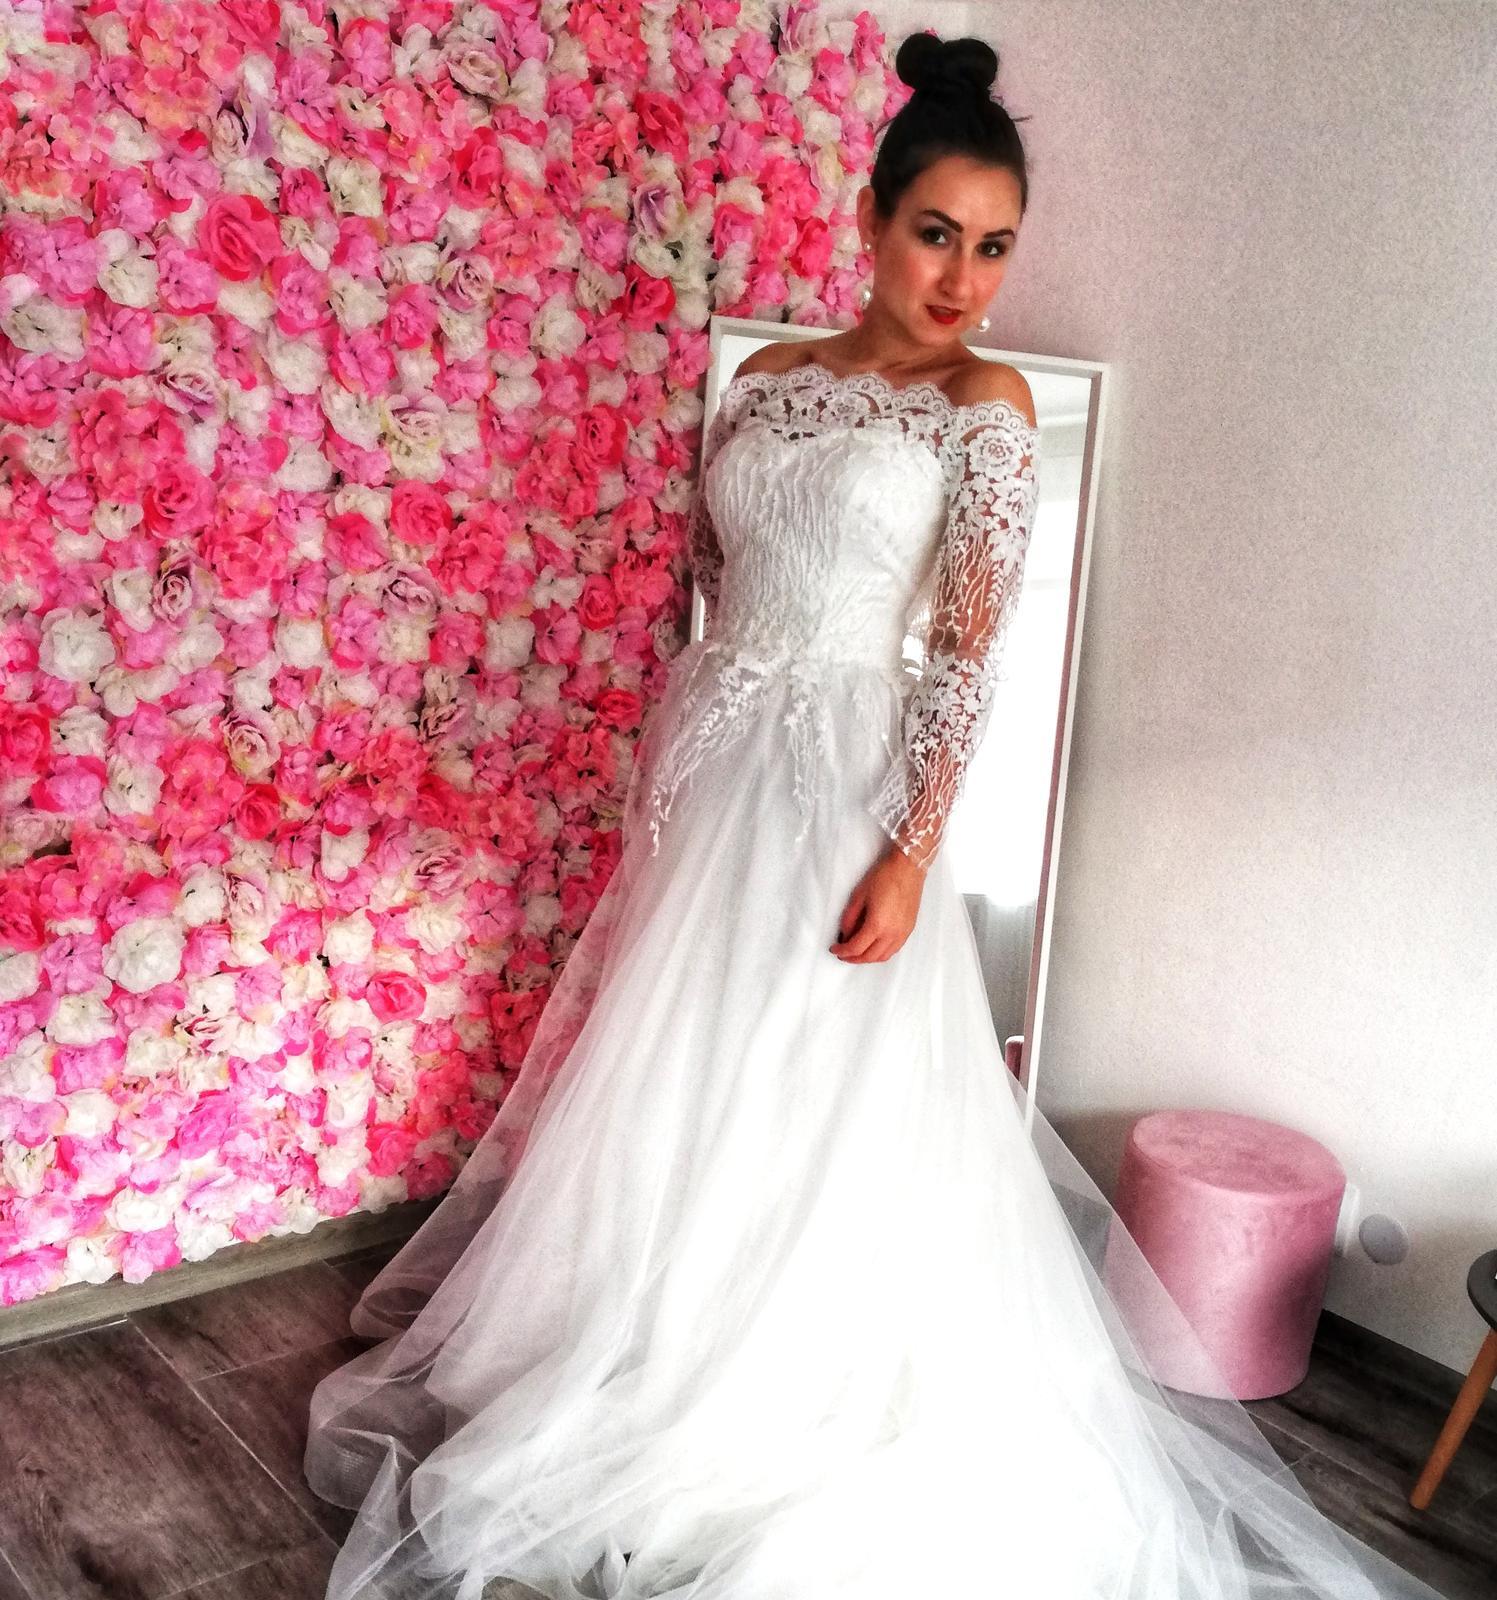 NOVÉ svatební šaty Elody, vel. 40-42 - Obrázek č. 1